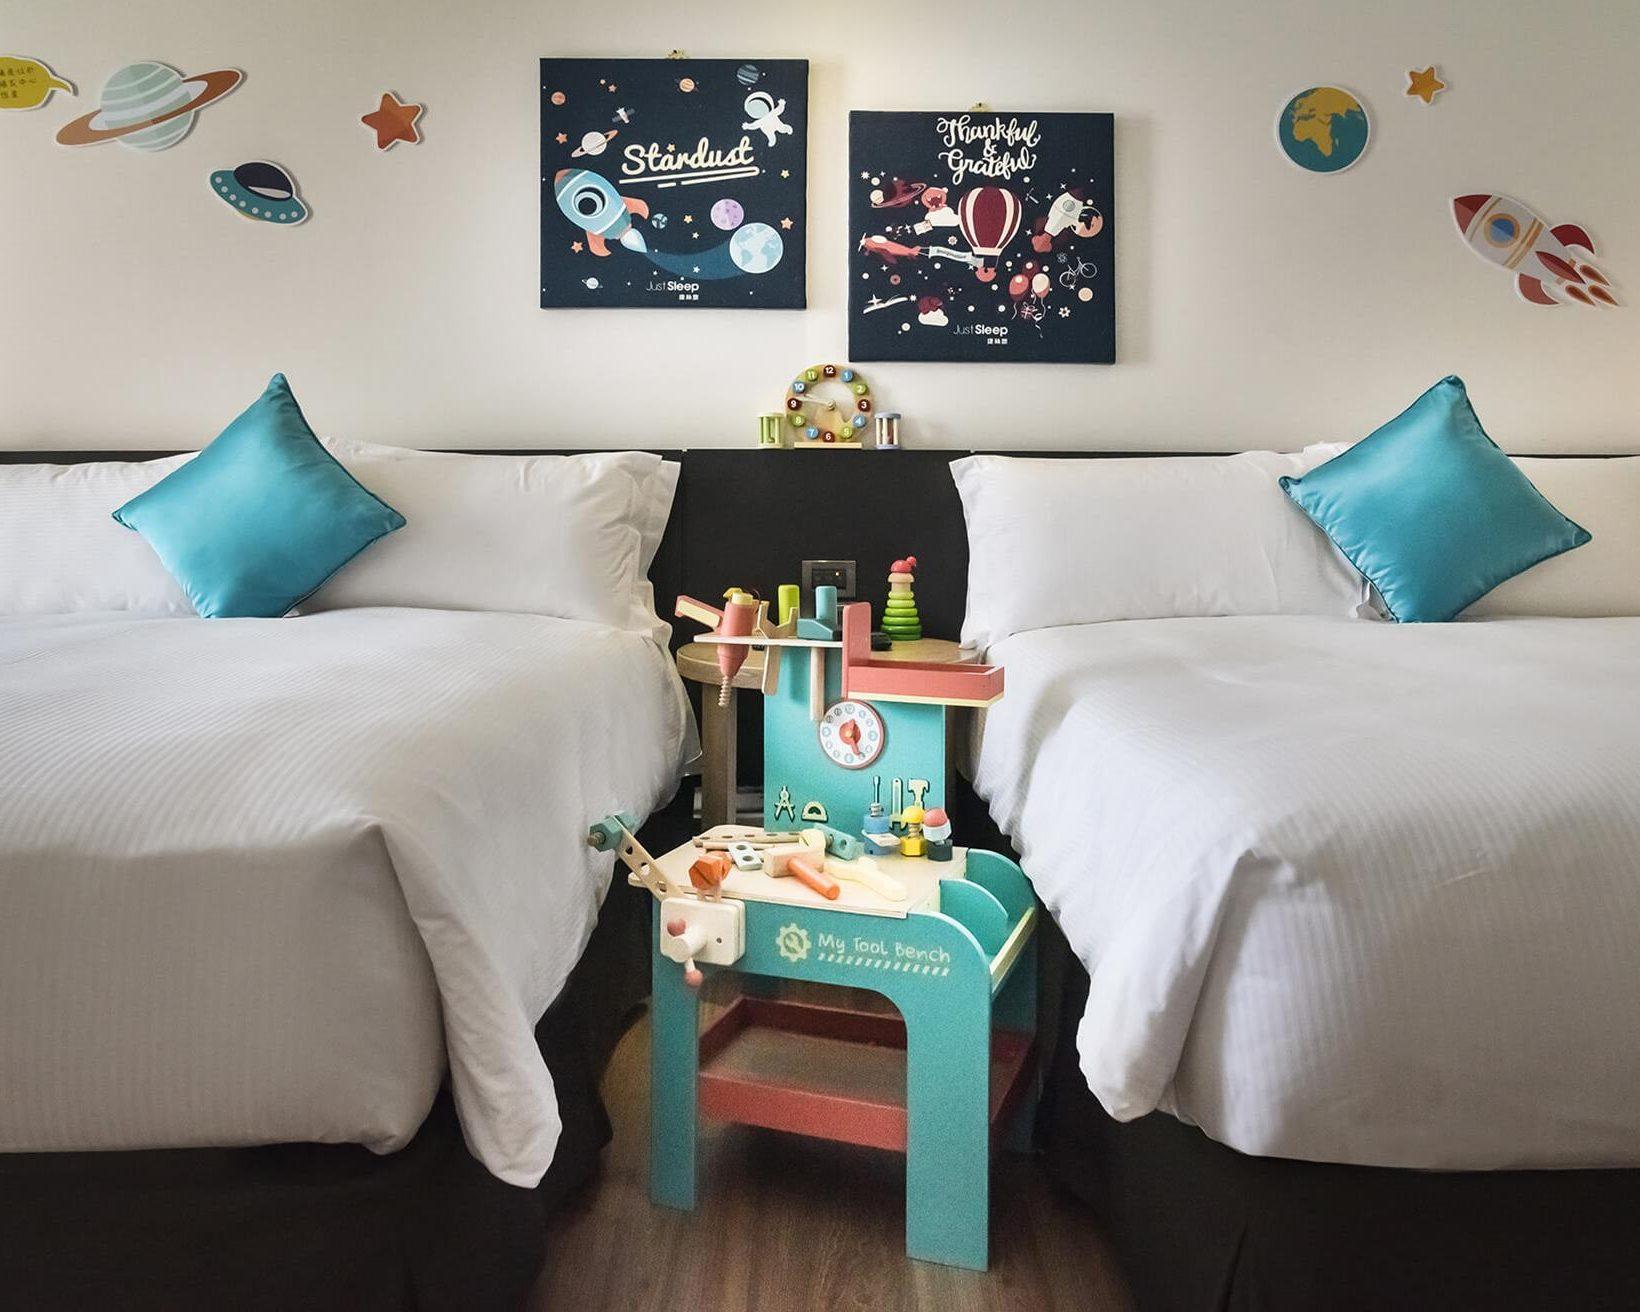 【高雄平價住宿推薦】價格甜、質感優、設備齊的高雄市區平價住宿